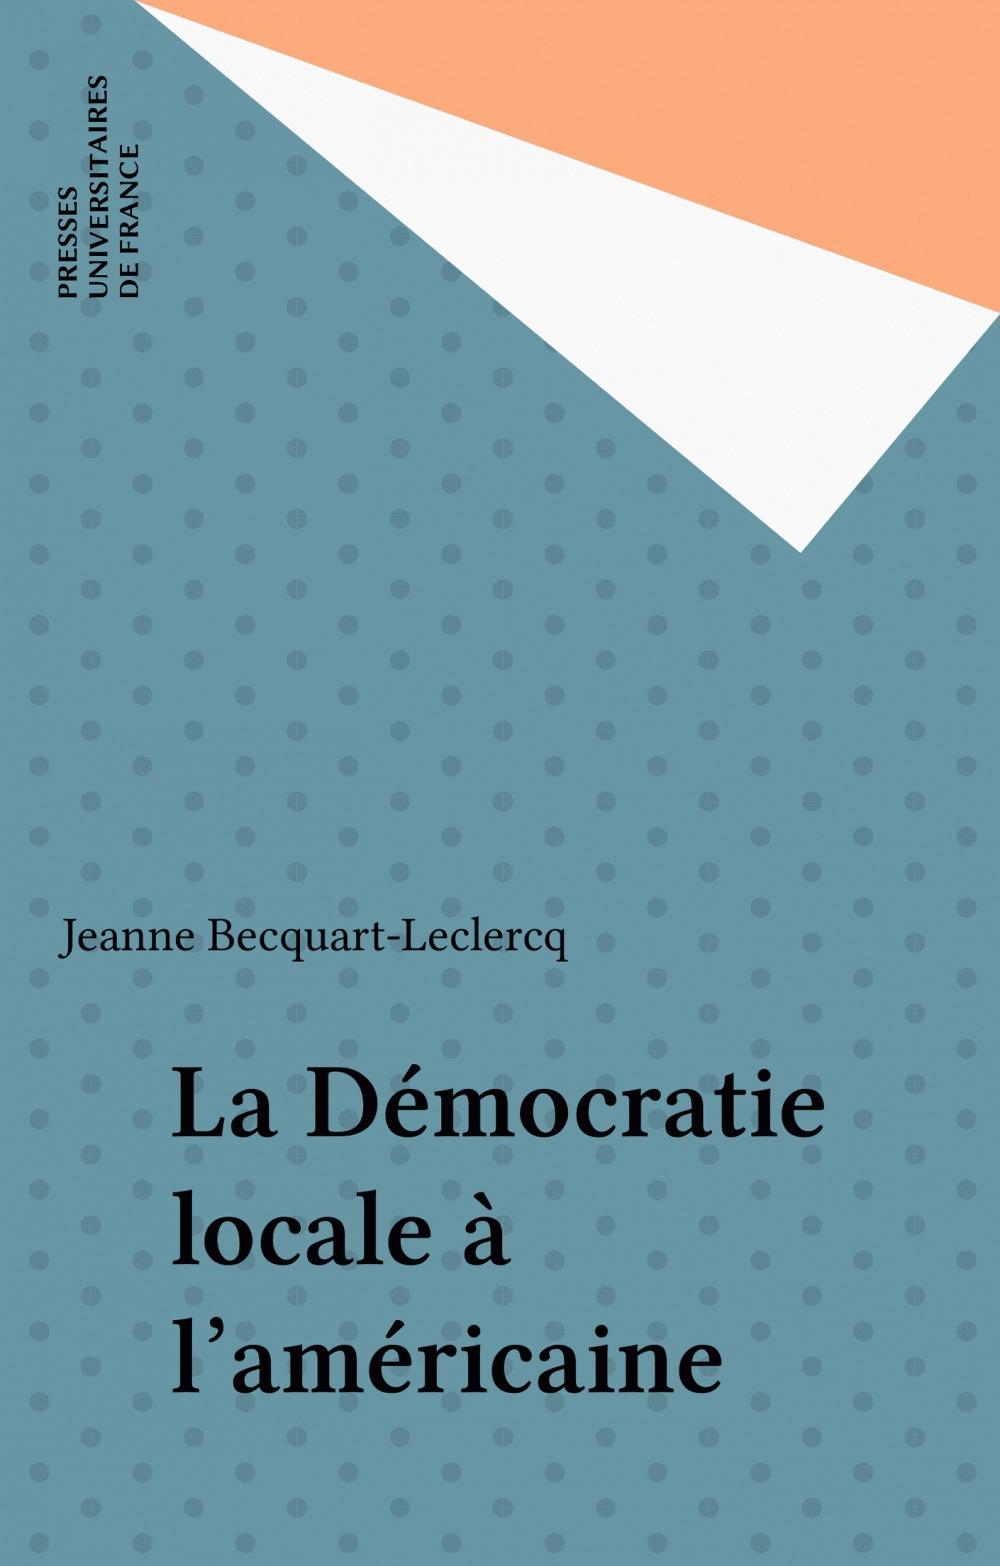 La Démocratie locale à l'américaine